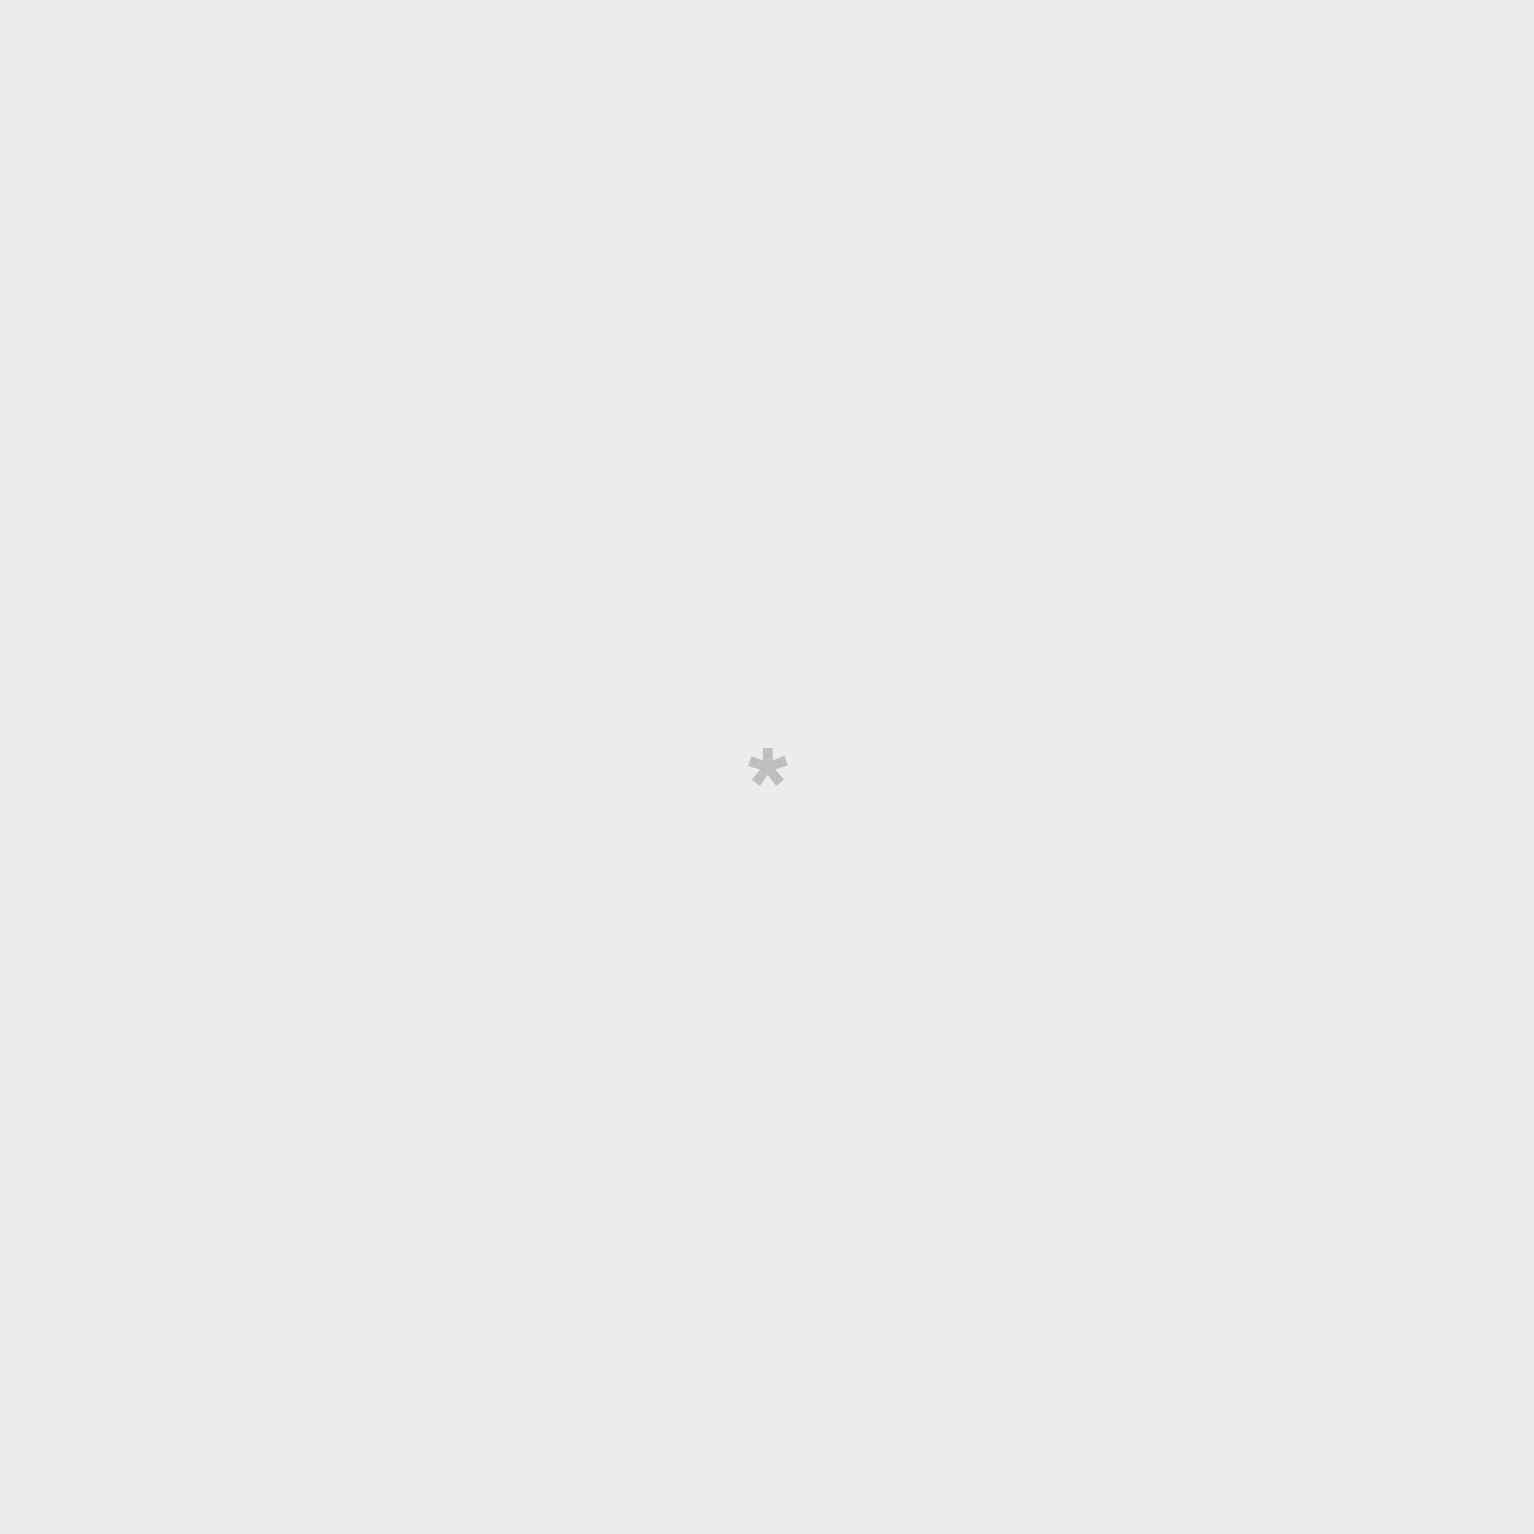 Kit d'écriture Black&Gold - Tout ce que je fais avant le vendredi